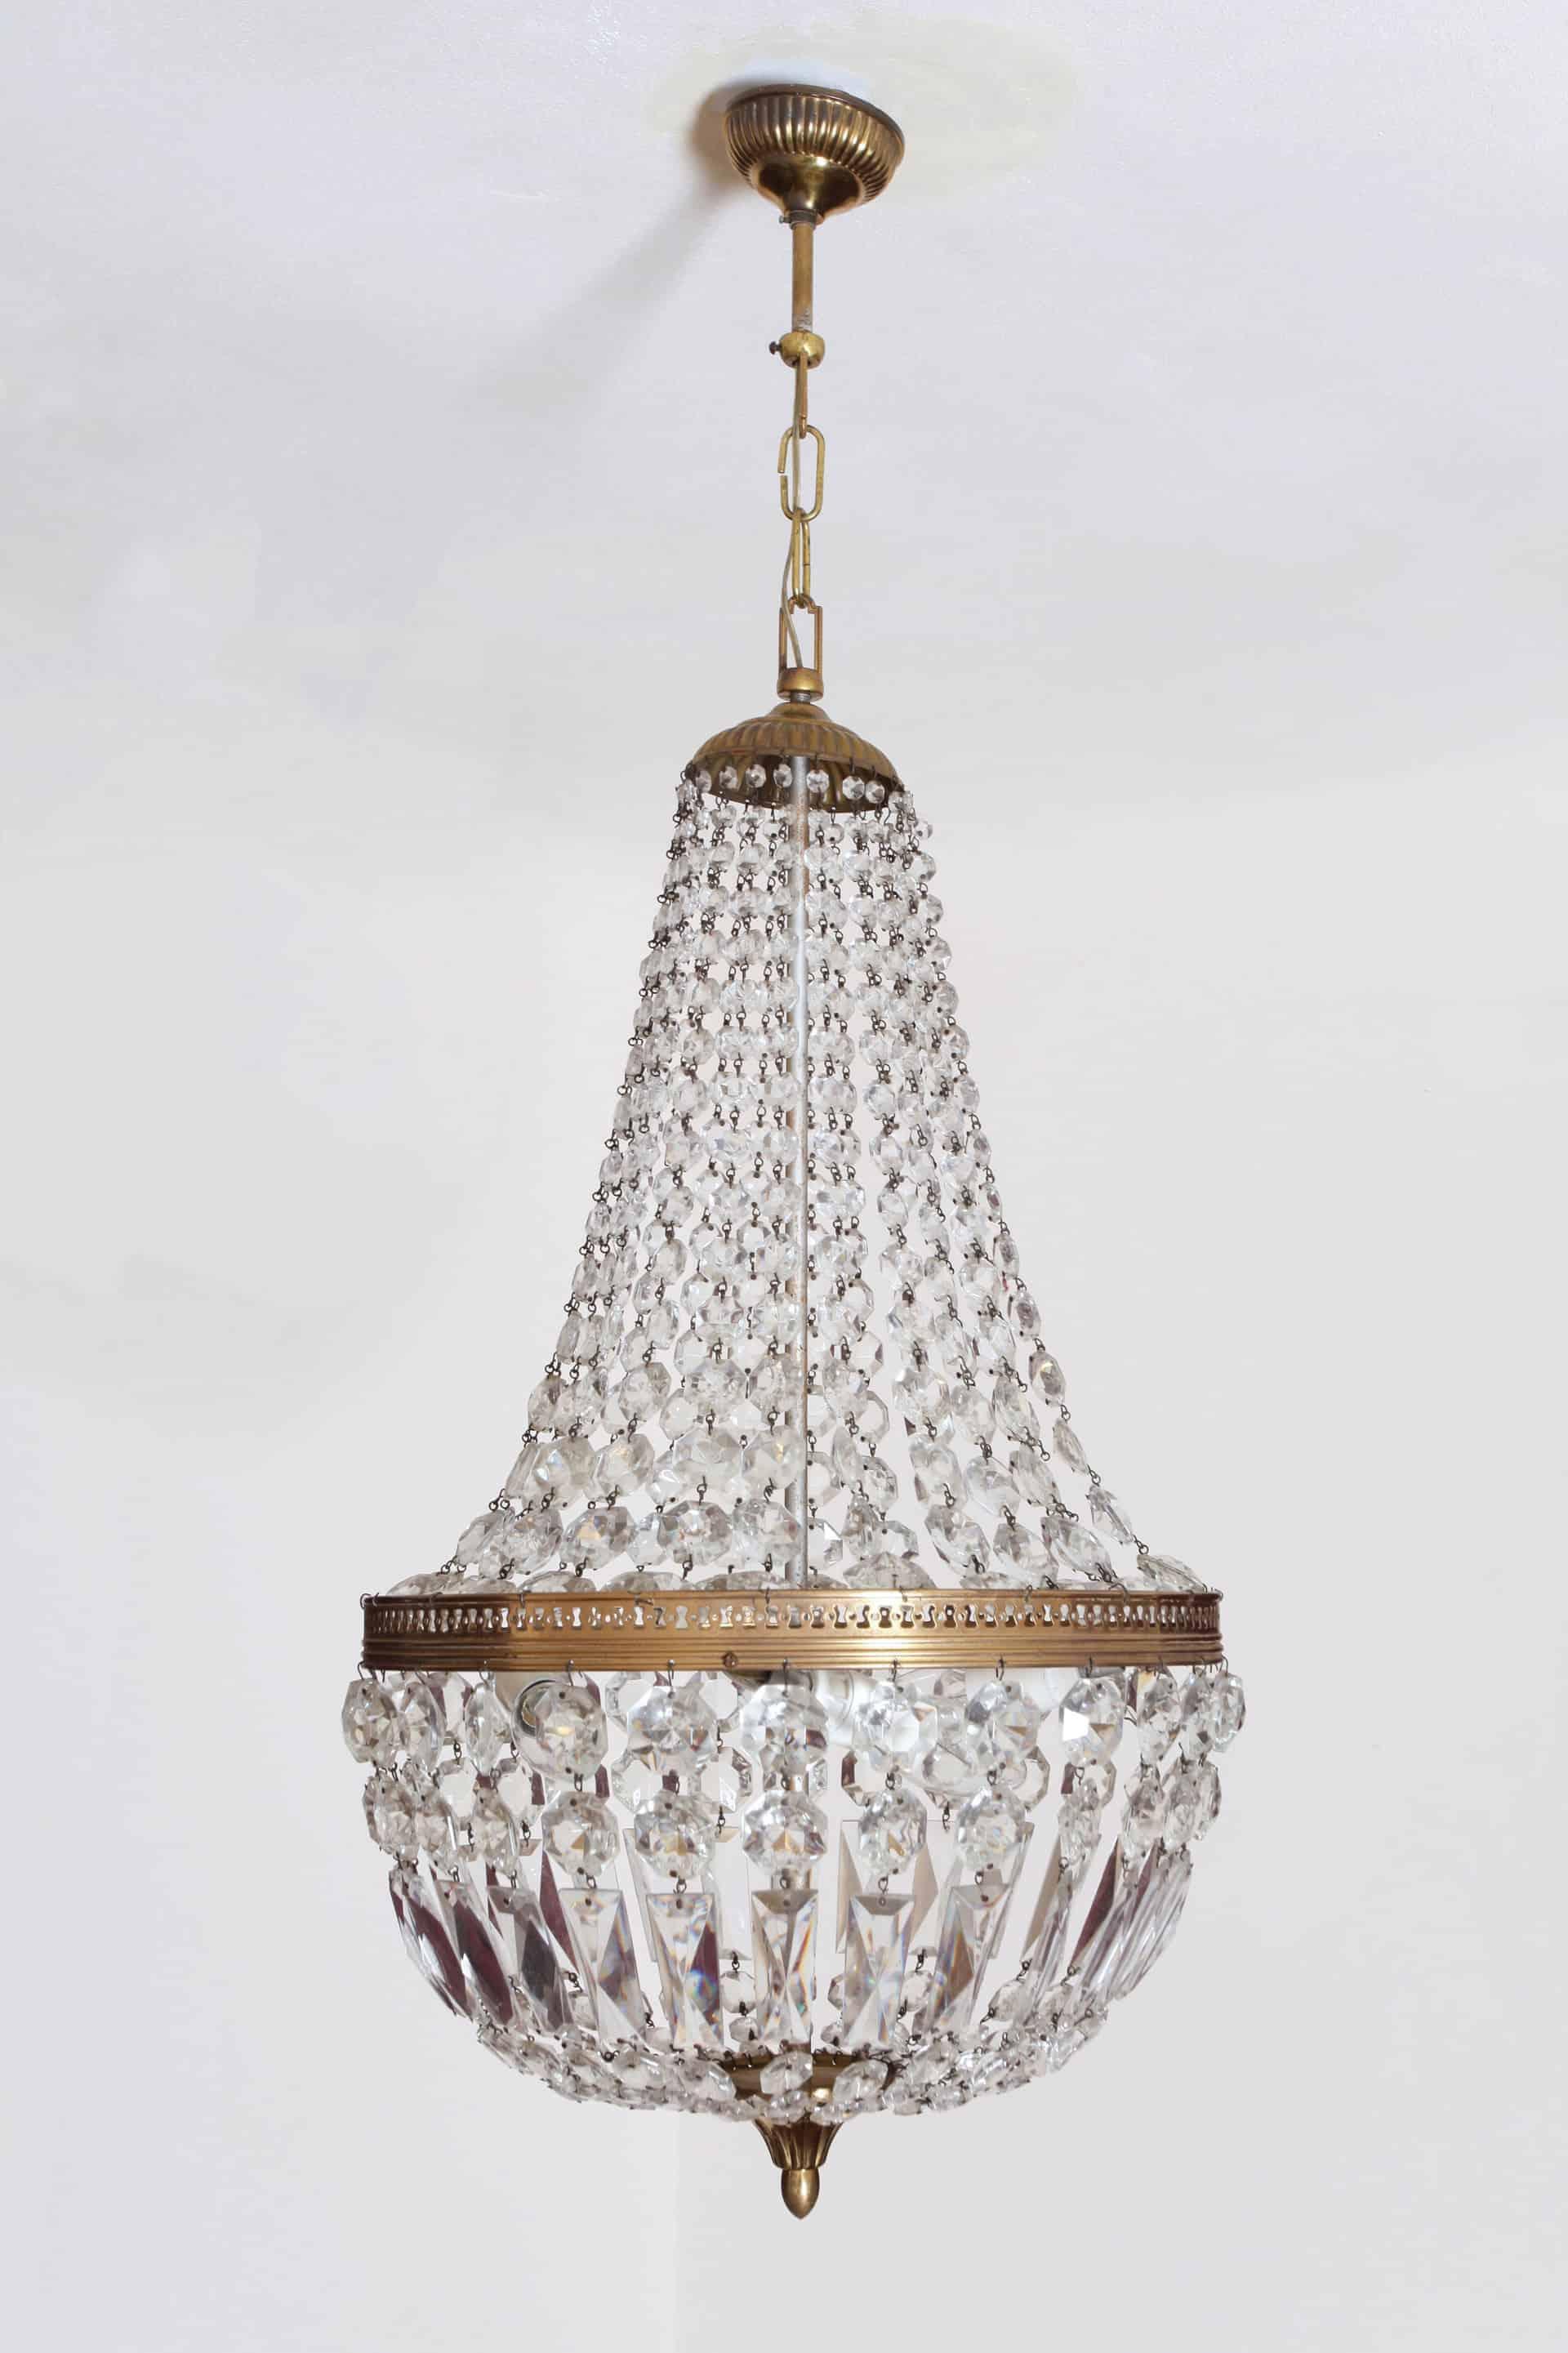 Kristall-Kronleuchter im Stil von Louis XVI | sperren Stračov